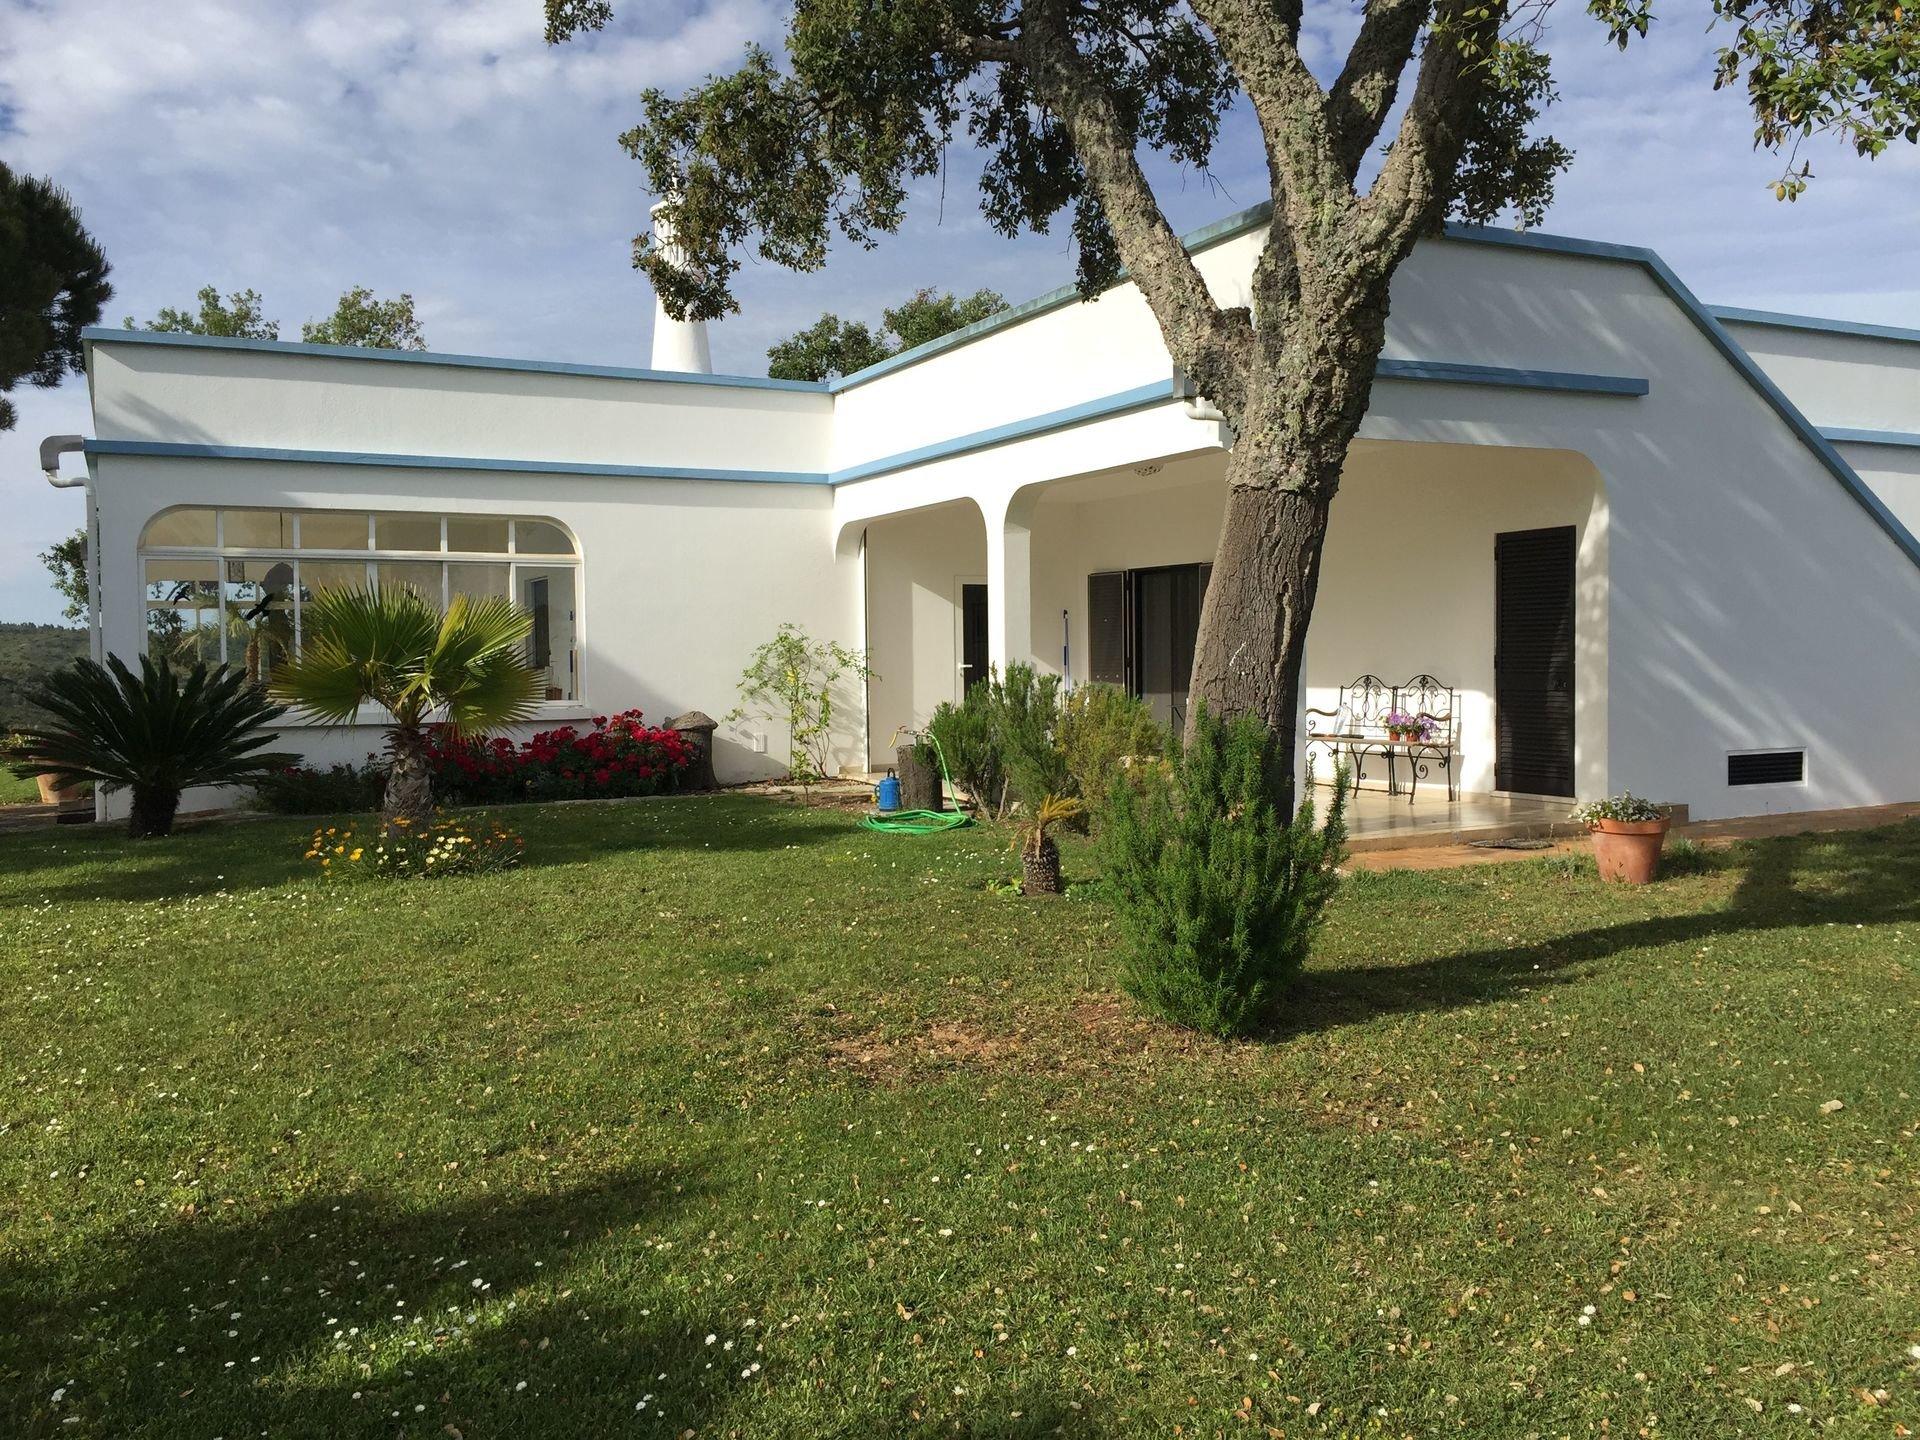 3 Bedroom Villa Sao Bras de Alportel, Central Algarve Ref: JV10278